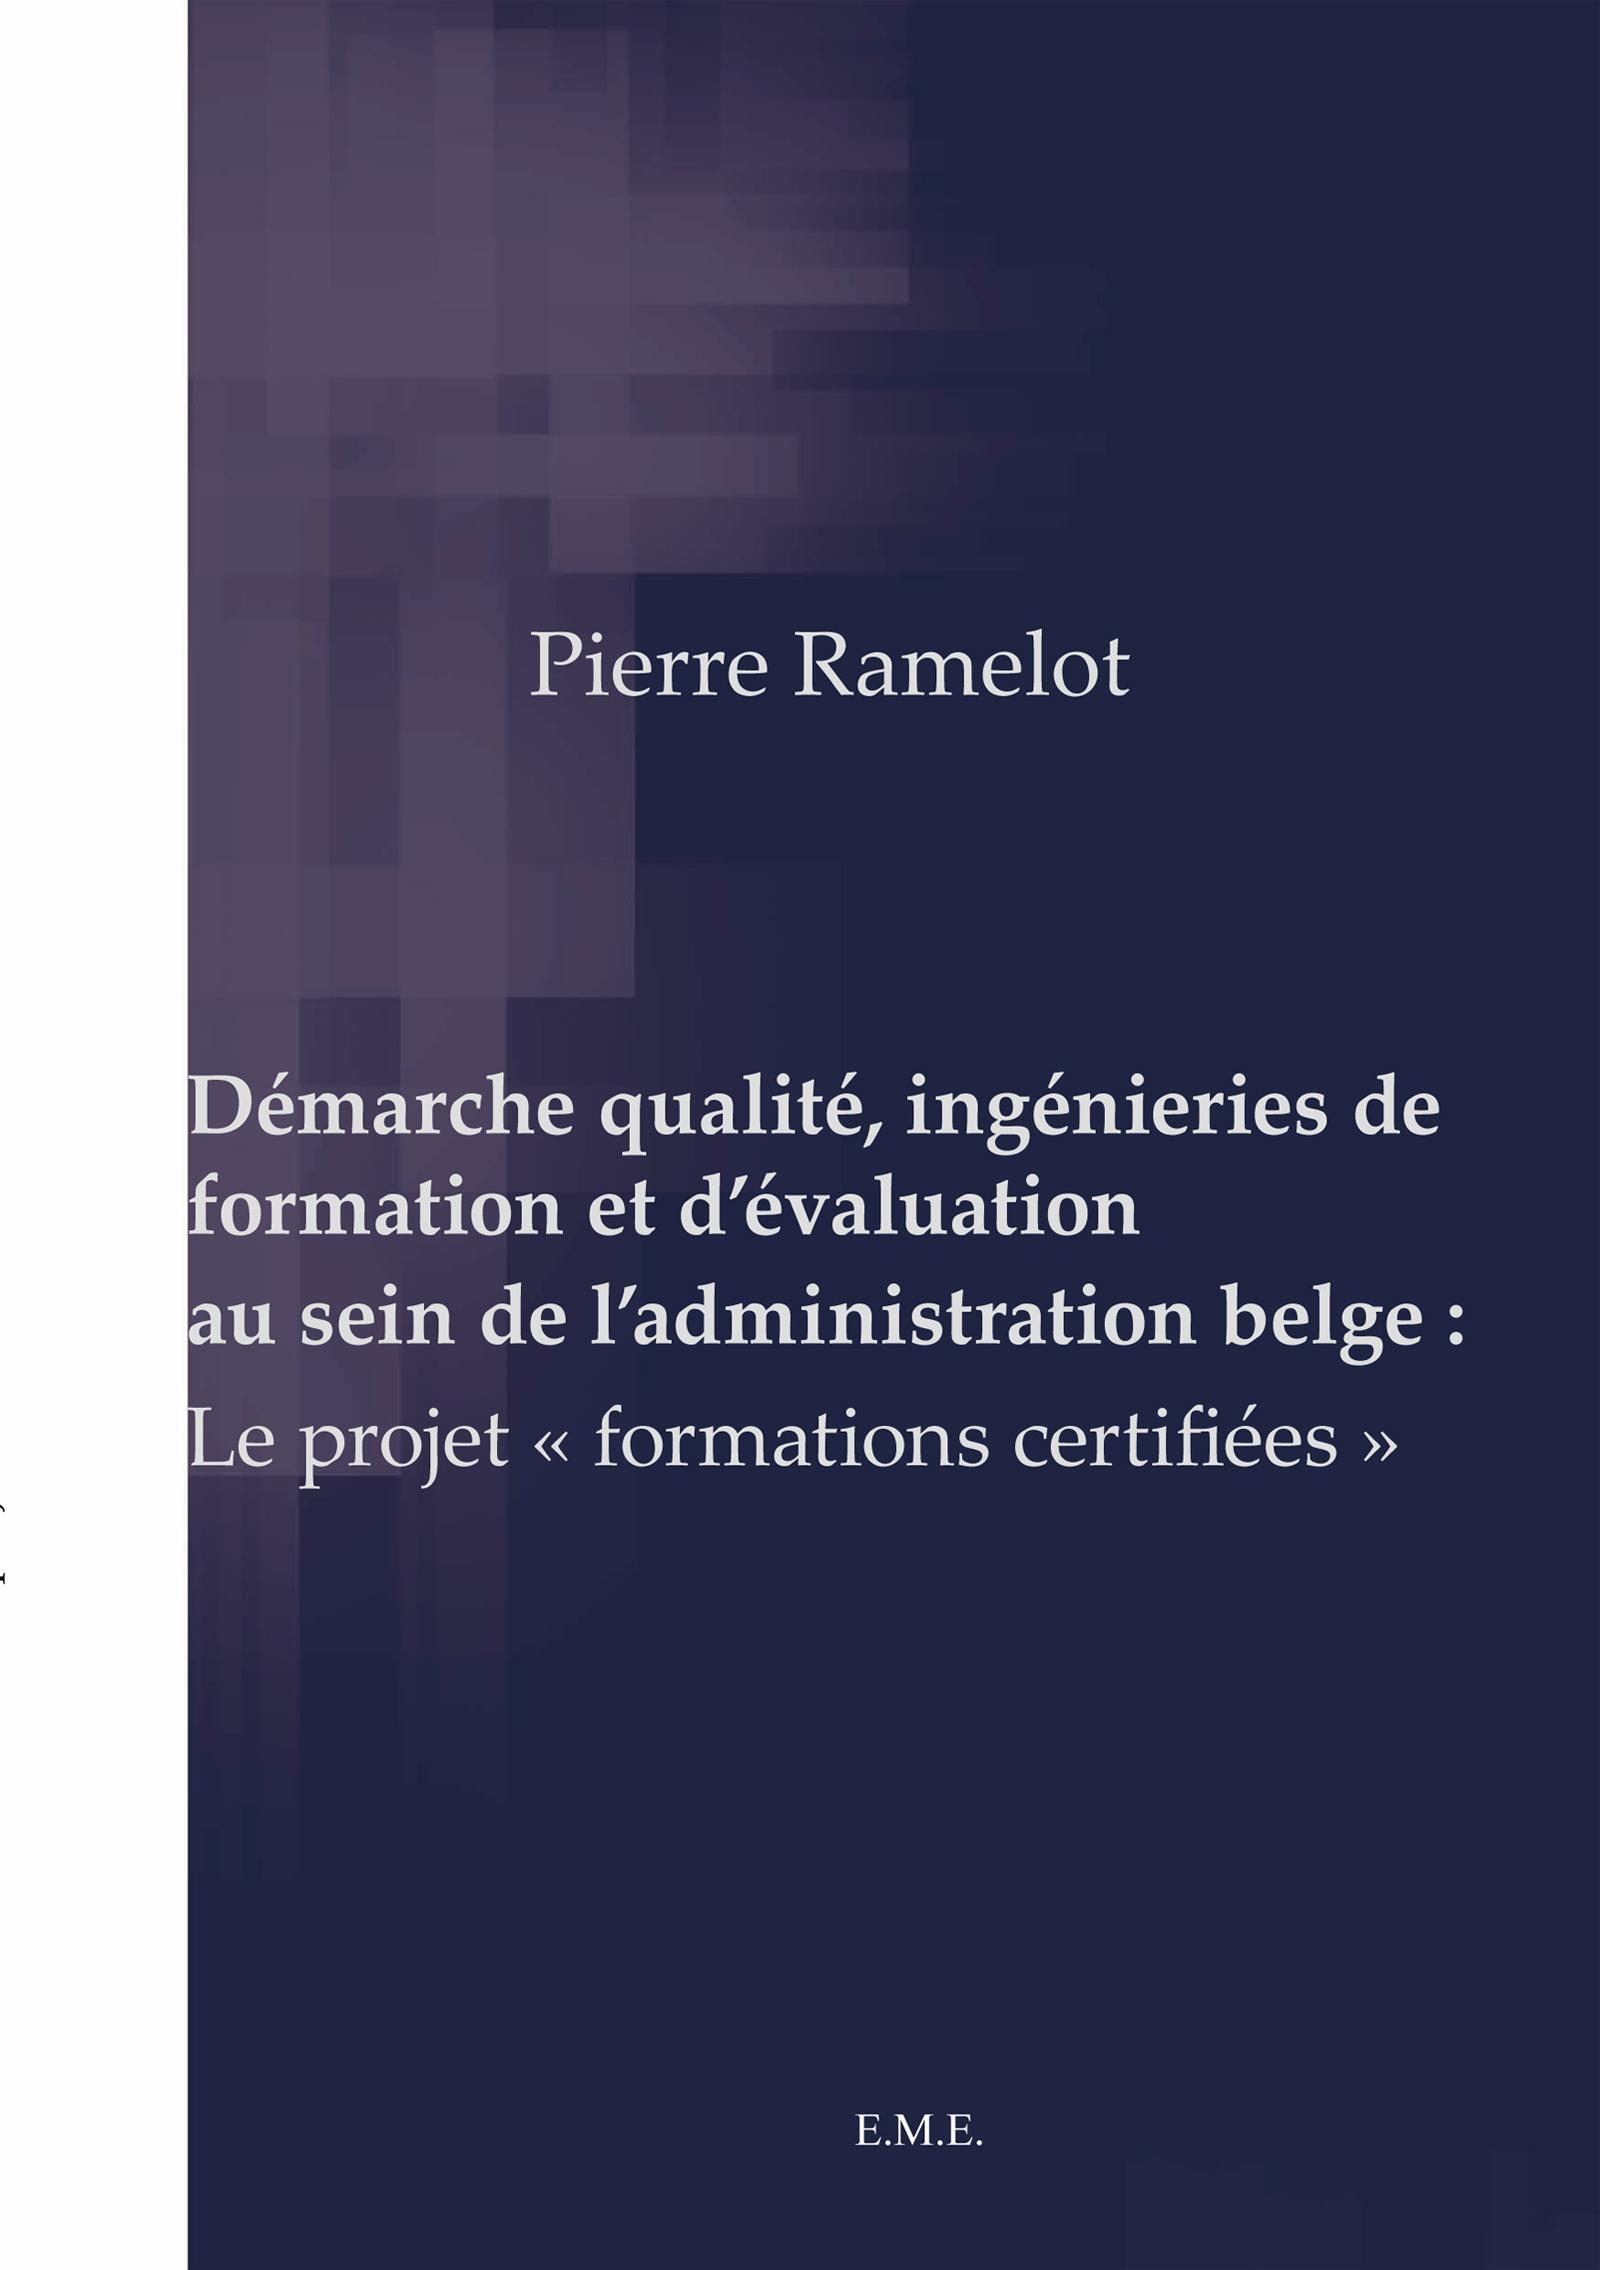 Démarche qualité, ingénieries de formation et d'évaluation au sein de l'administration belge